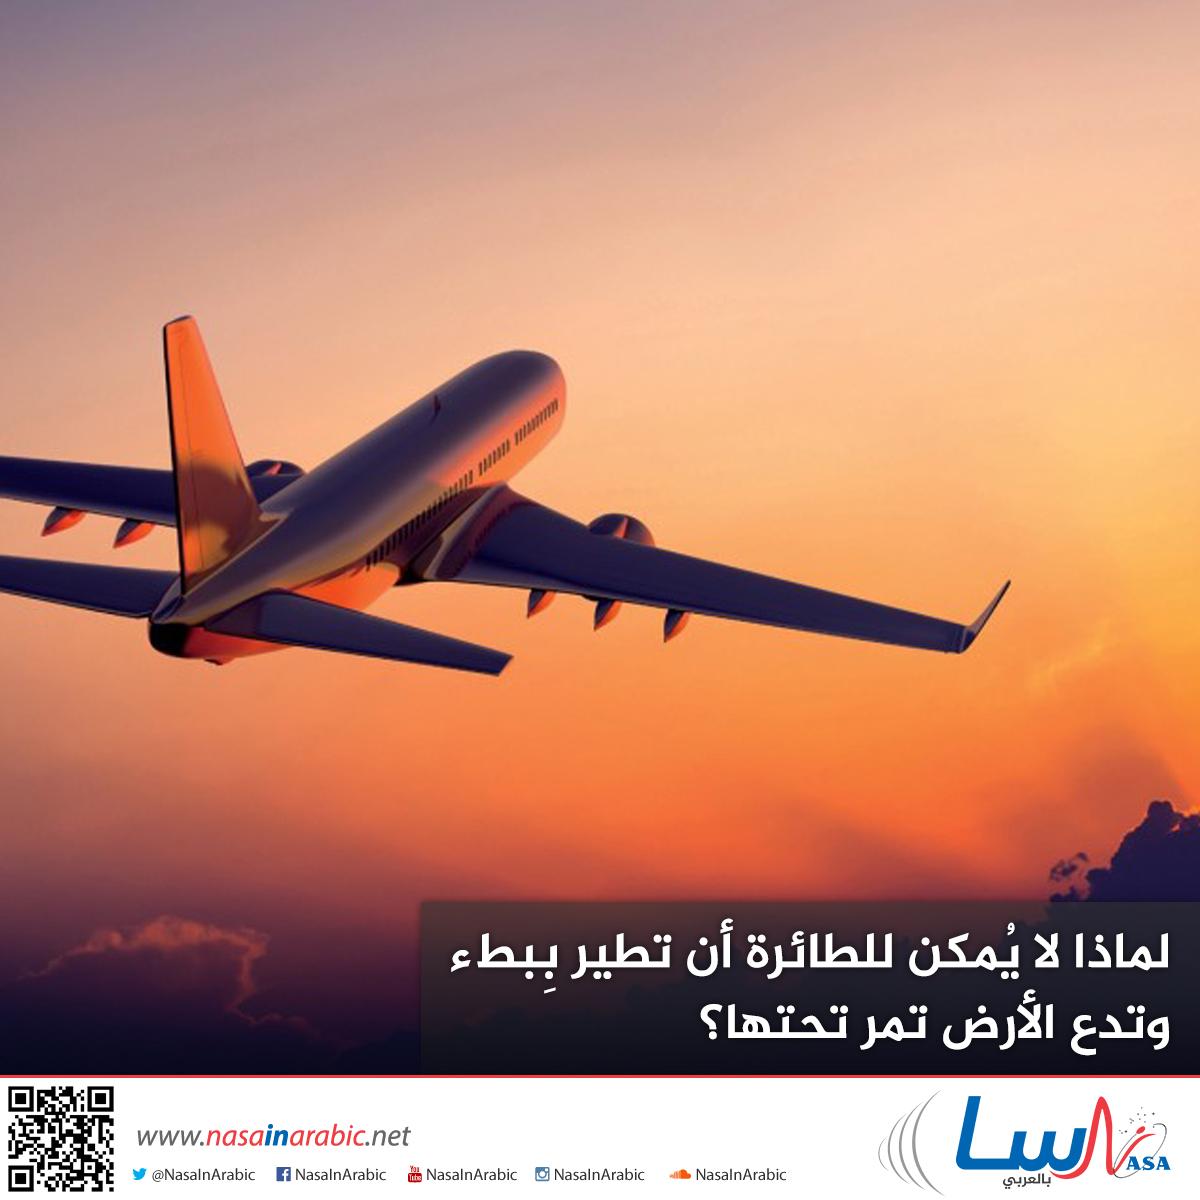 لماذا لا يُمكن للطائرة أن تطير بِبطء وتدع الأرض تمر تحتها؟